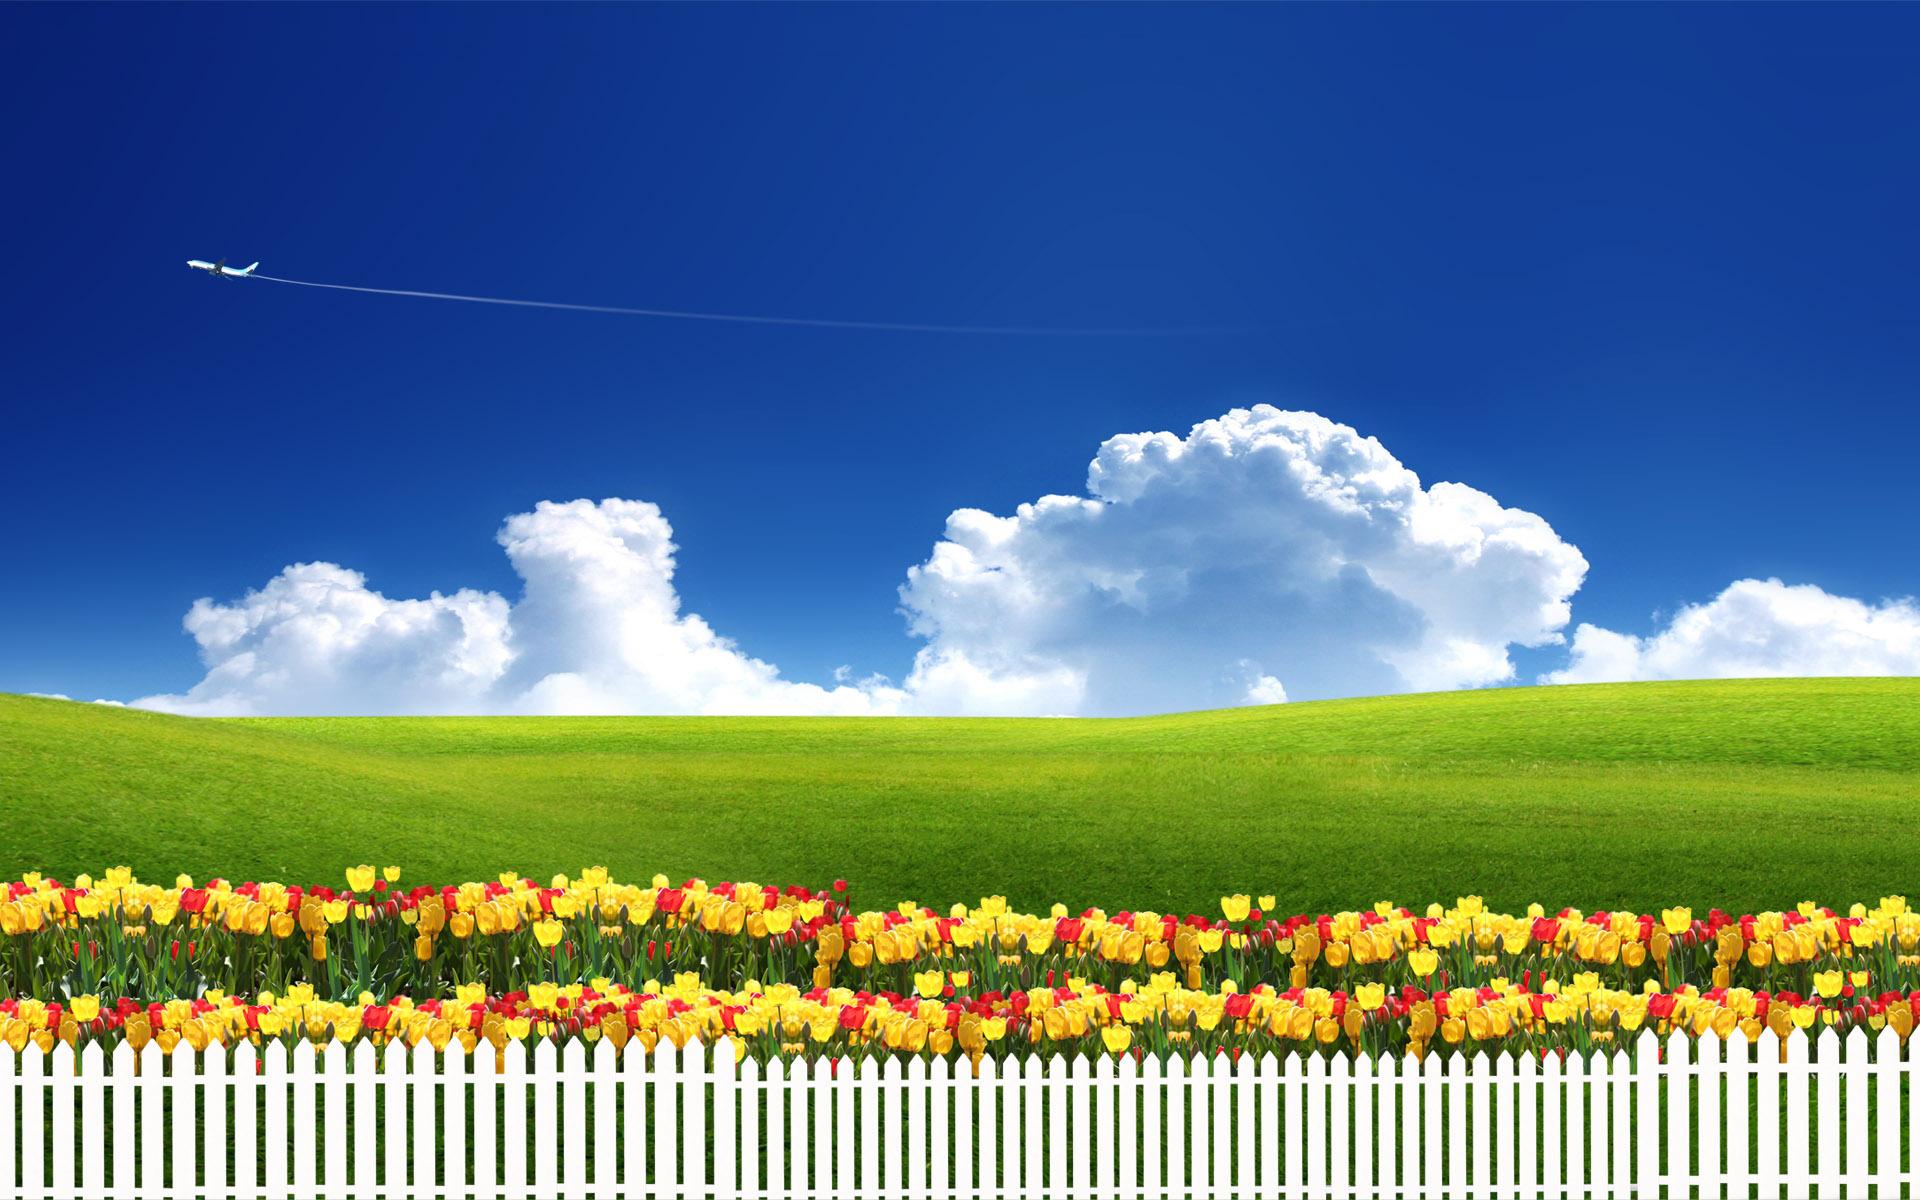 壁纸1920×1200梦想家园 最美好的日子宽屏壁纸 壁纸10壁纸 梦想家园:最美好的日壁纸图片系统壁纸系统图片素材桌面壁纸